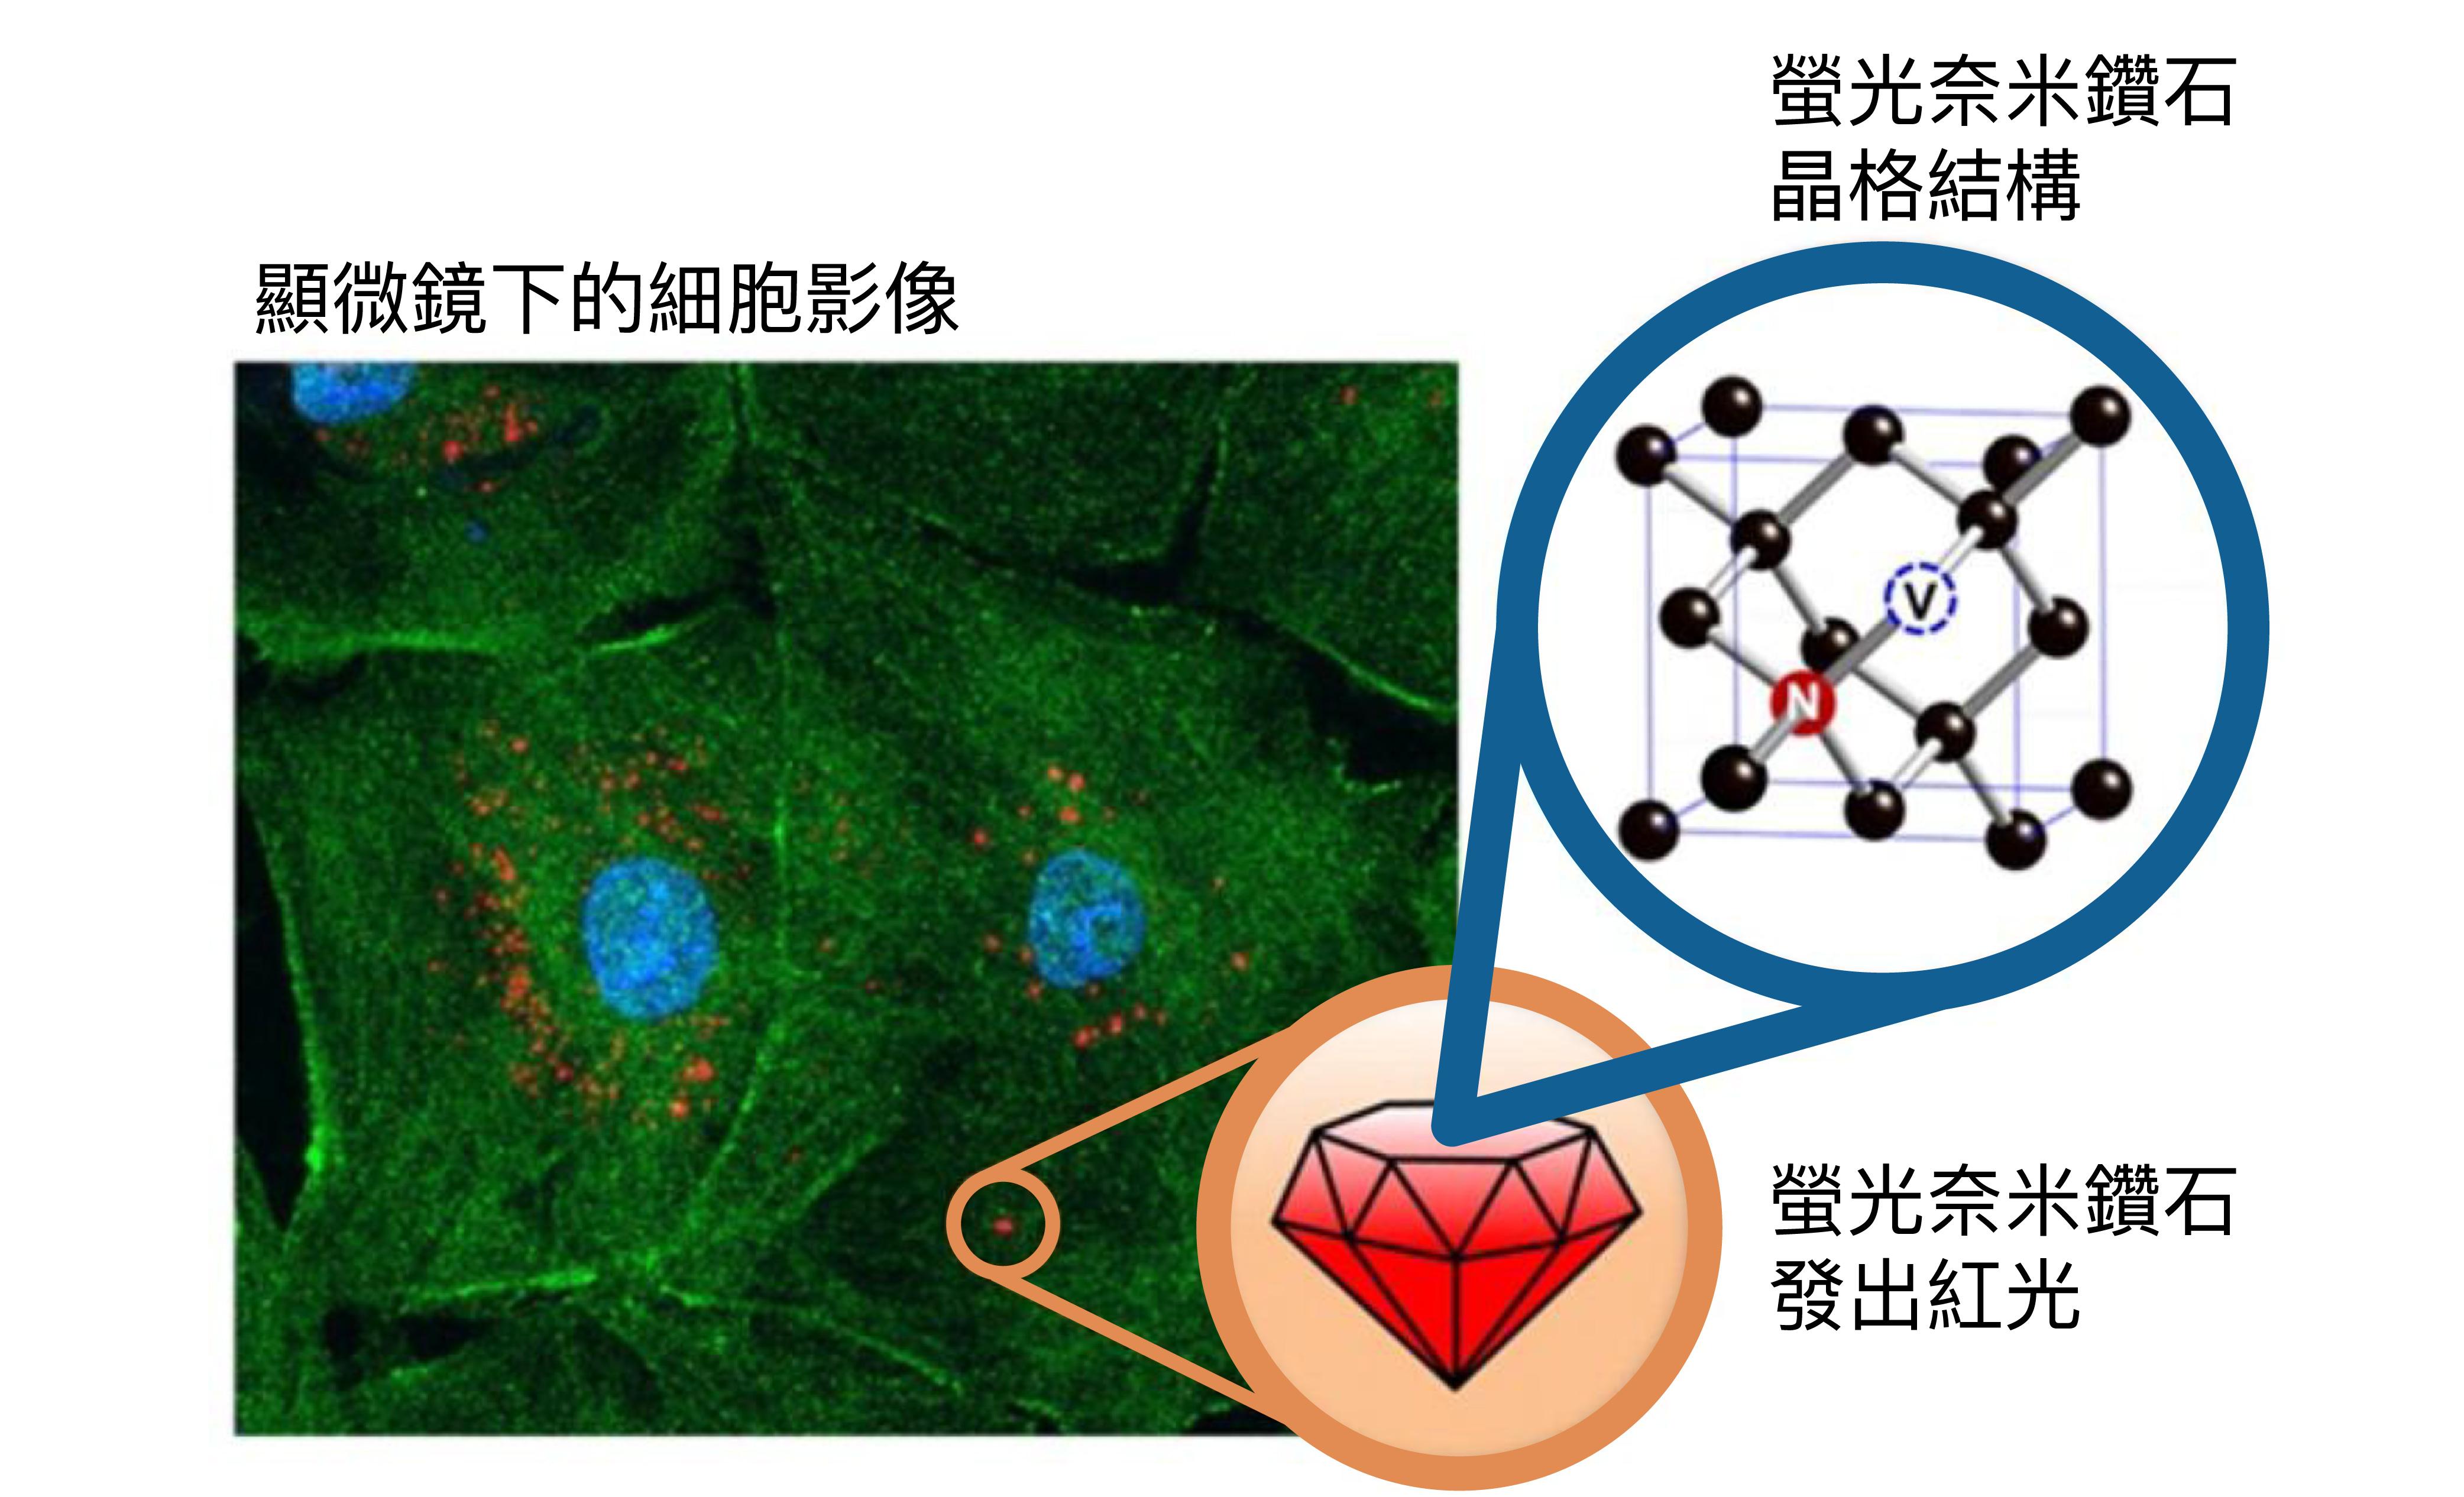 螢光奈米鑽石晶格結構中,可以看到空缺 (V) 在氮原子 (N) 旁邊,形成「氮-空缺顏色中心」,是發光的關鍵。黑色的球是碳原子。 資料來源│Acc. Chem. Res. 2016, 49, 3, 400-407 圖說重製│張語辰